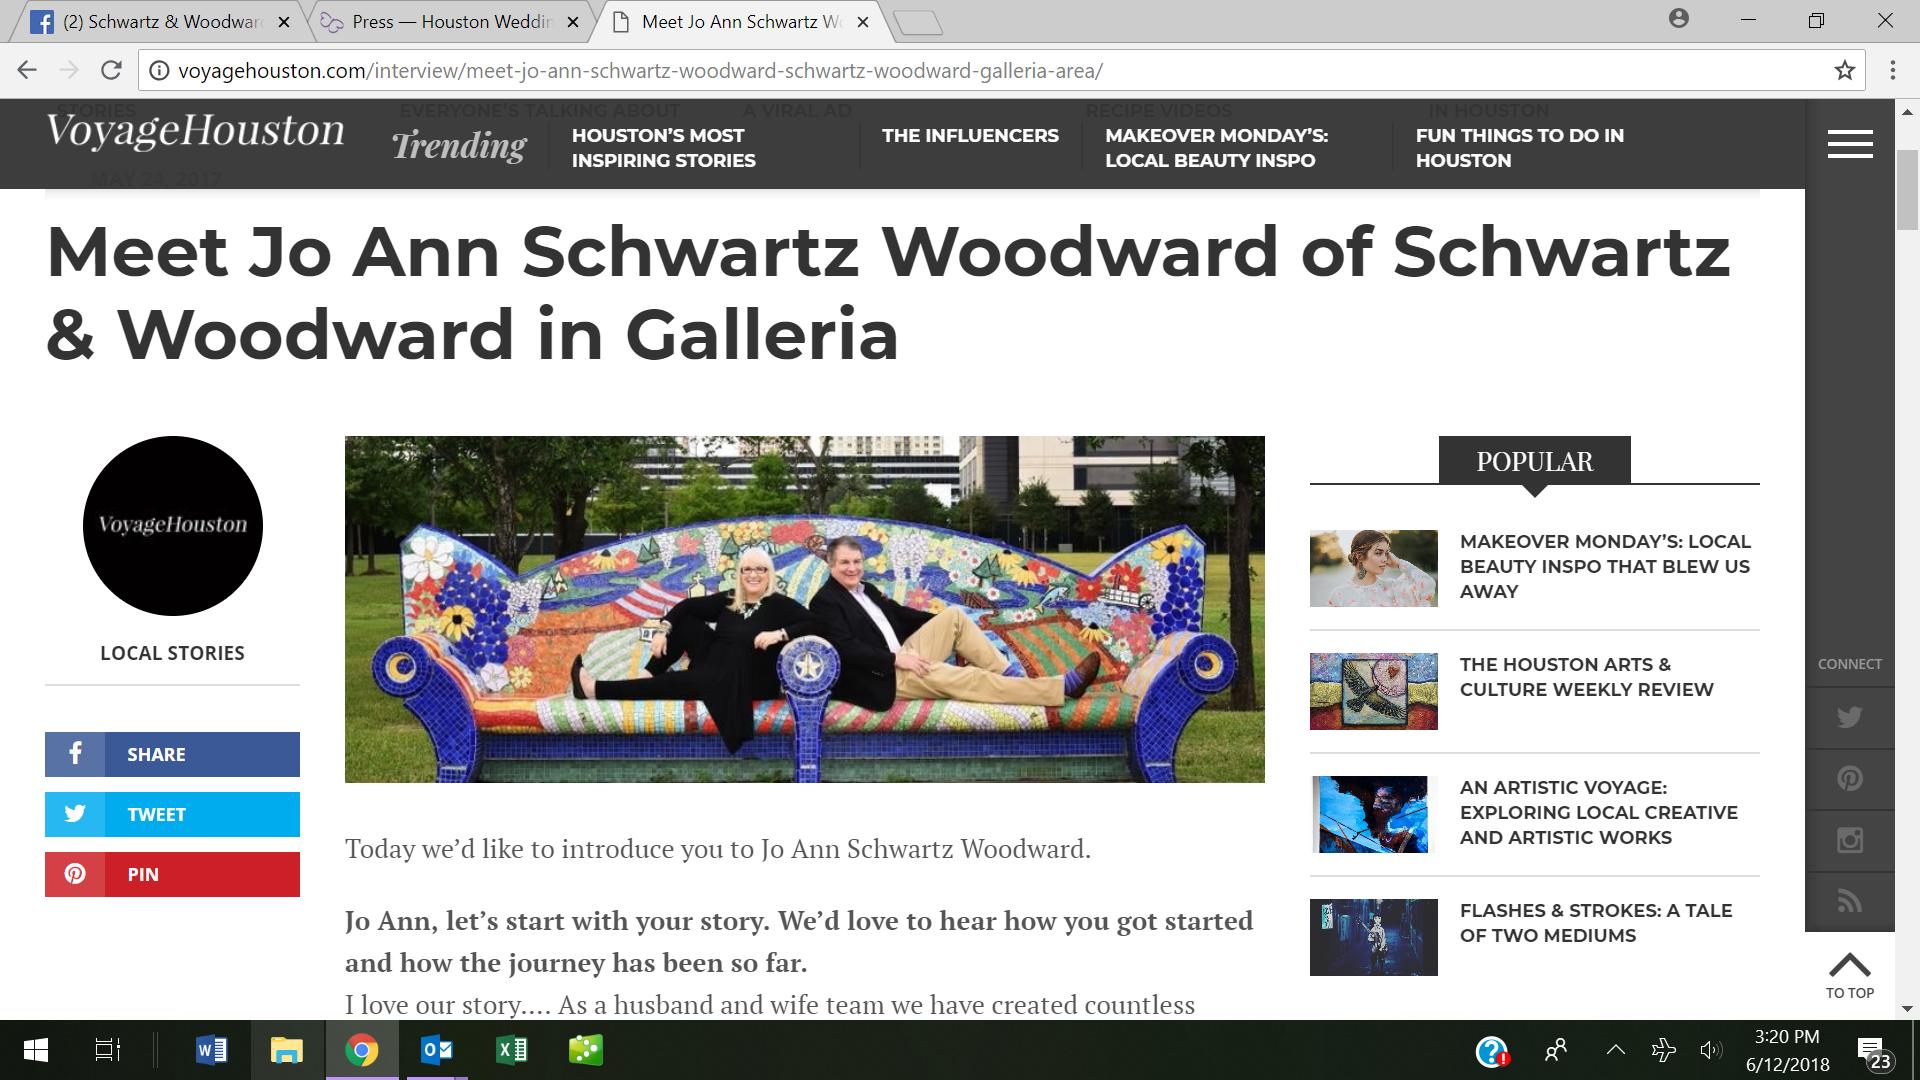 http://voyagehouston.com/interview/meet-jo-ann-schwartz-woodward-schwartz-woodward-galleria-area/